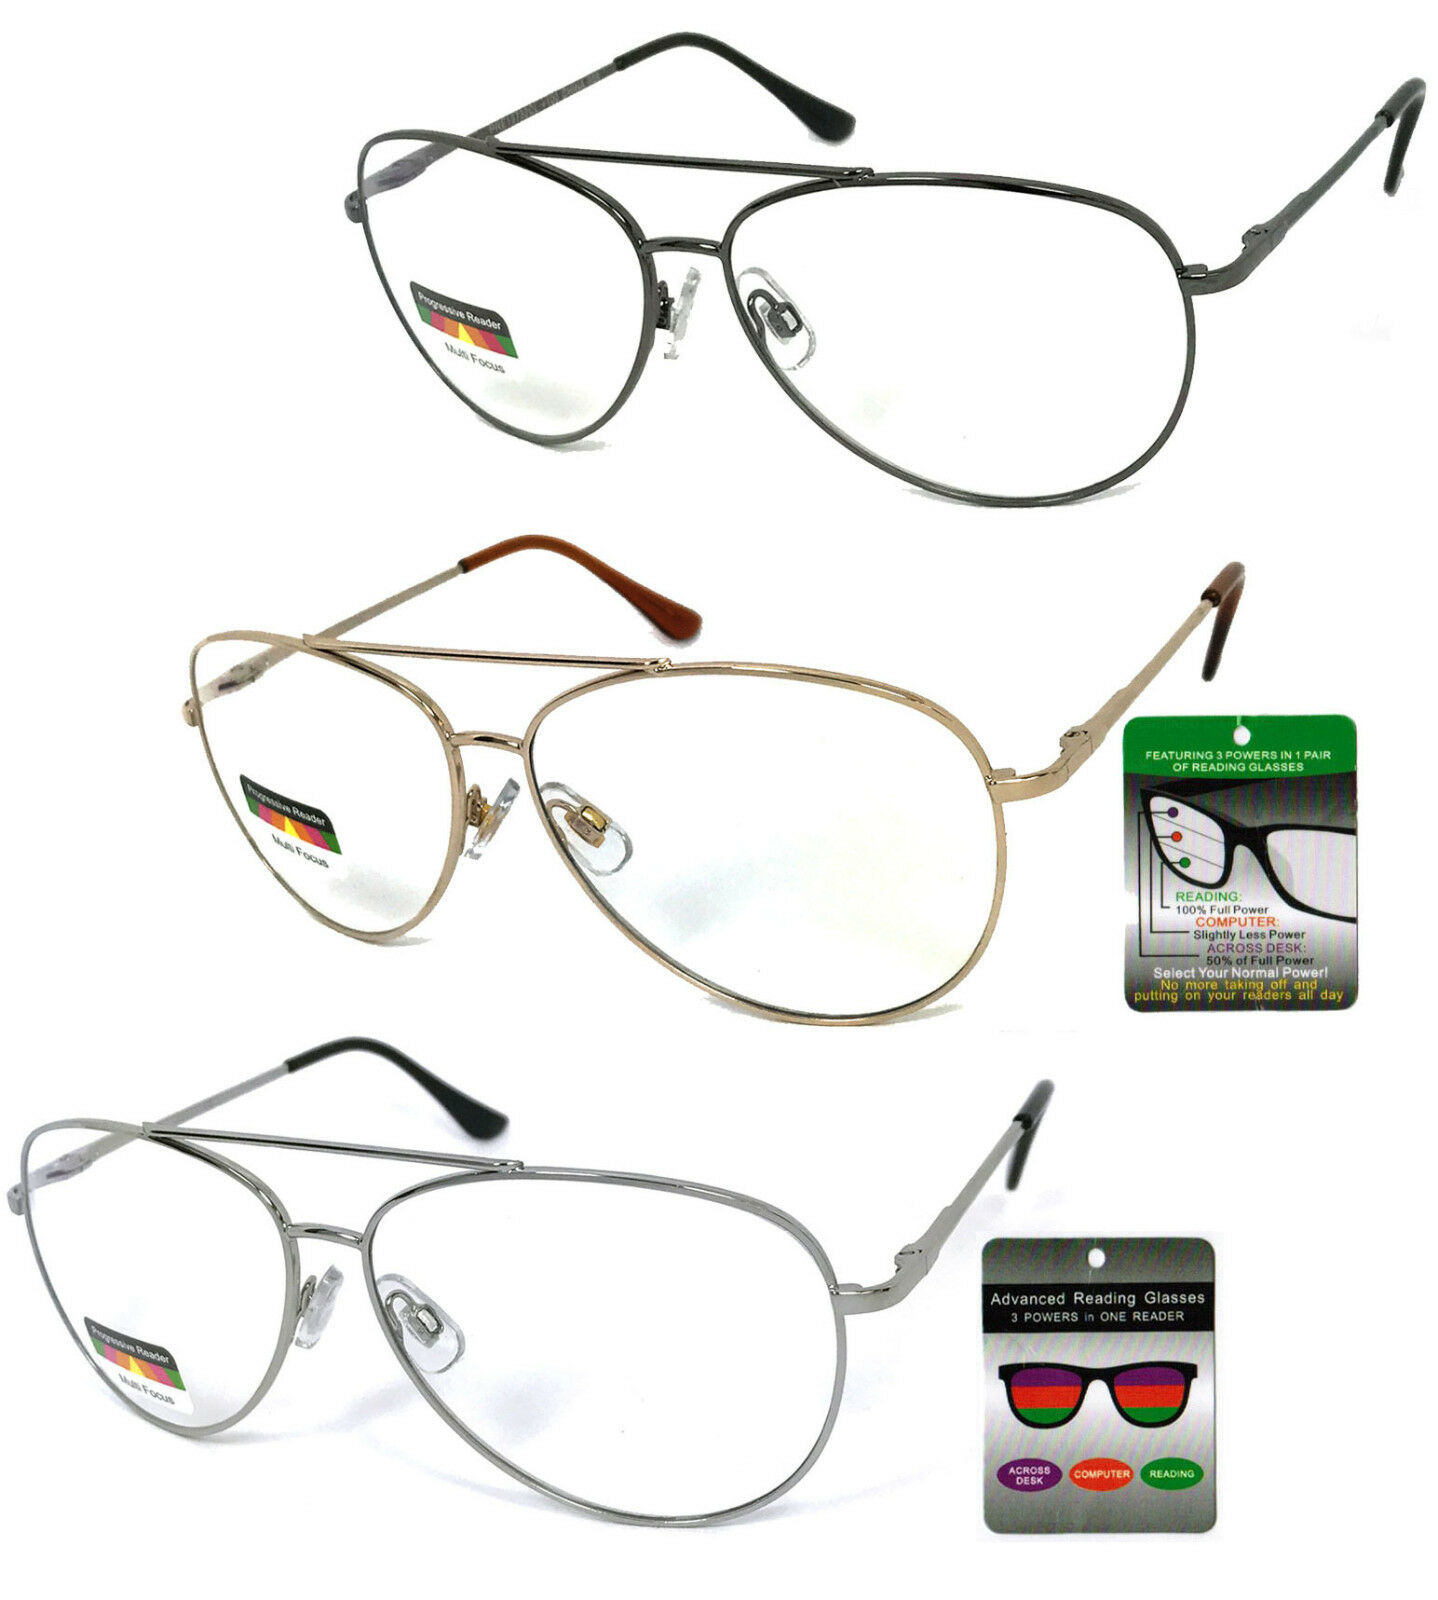 c21d535c957 Multi Focal Reading Glasses 3 Strengths in 1 Reader Aviator Spring ...